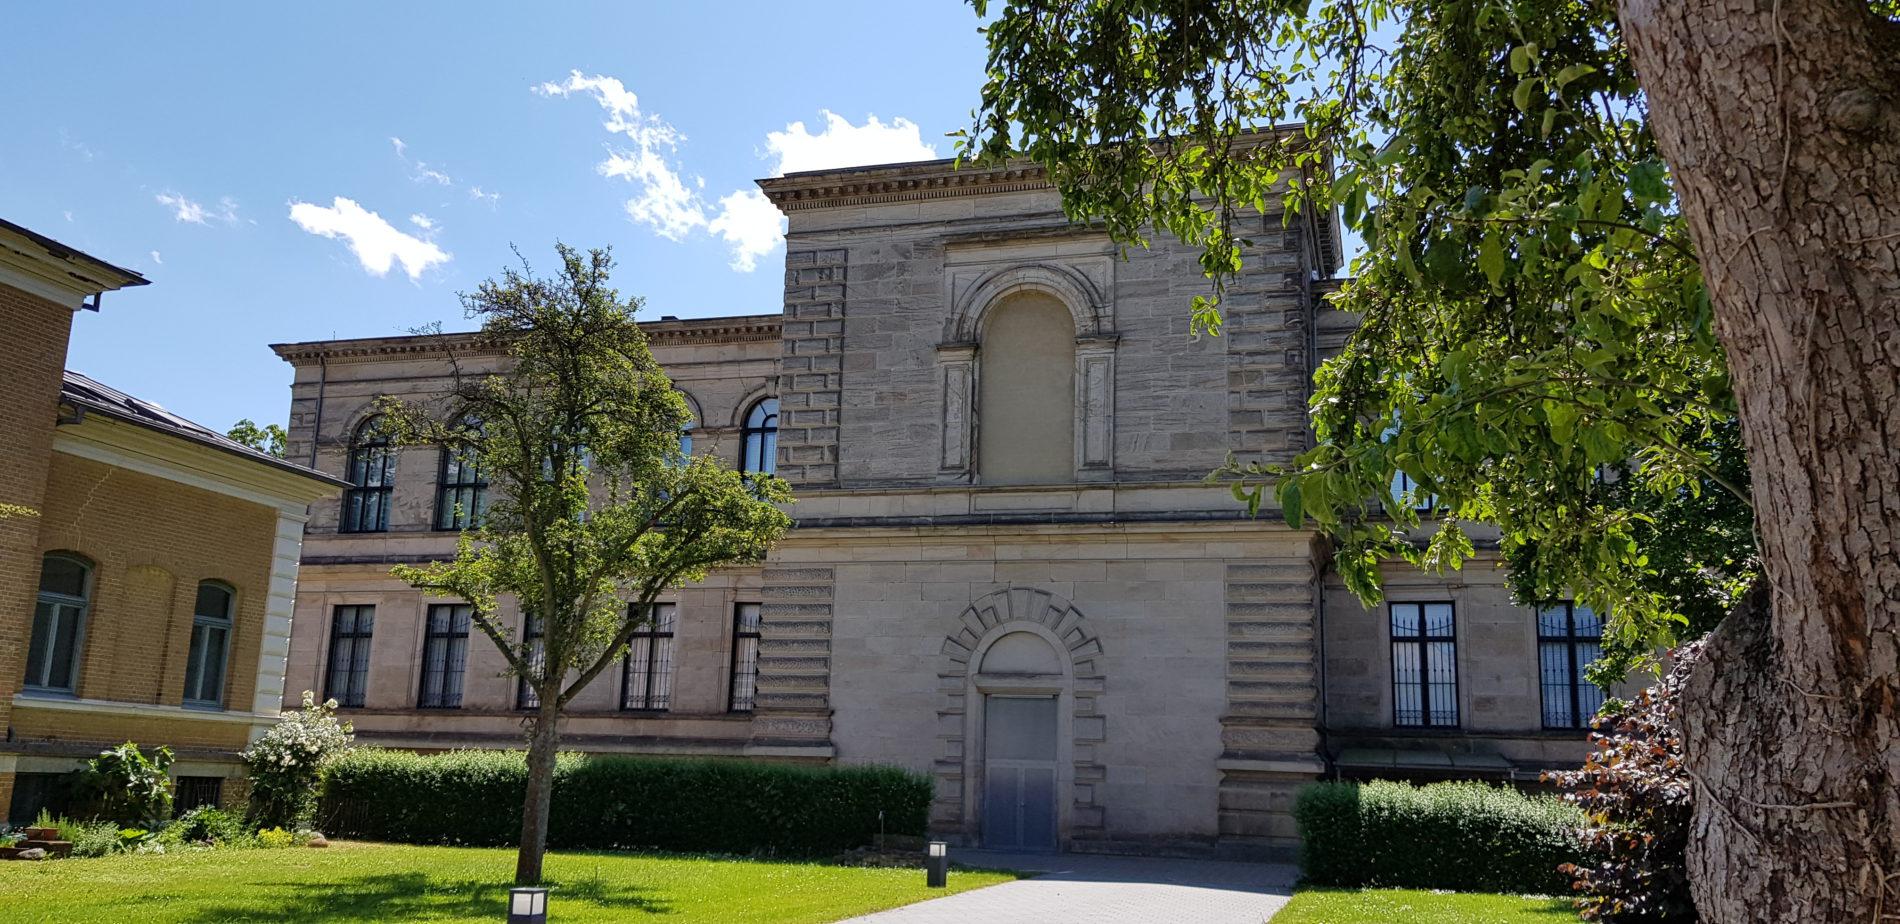 Rückseite der Herzog August Bibliothek, davor Rasen und Bäume